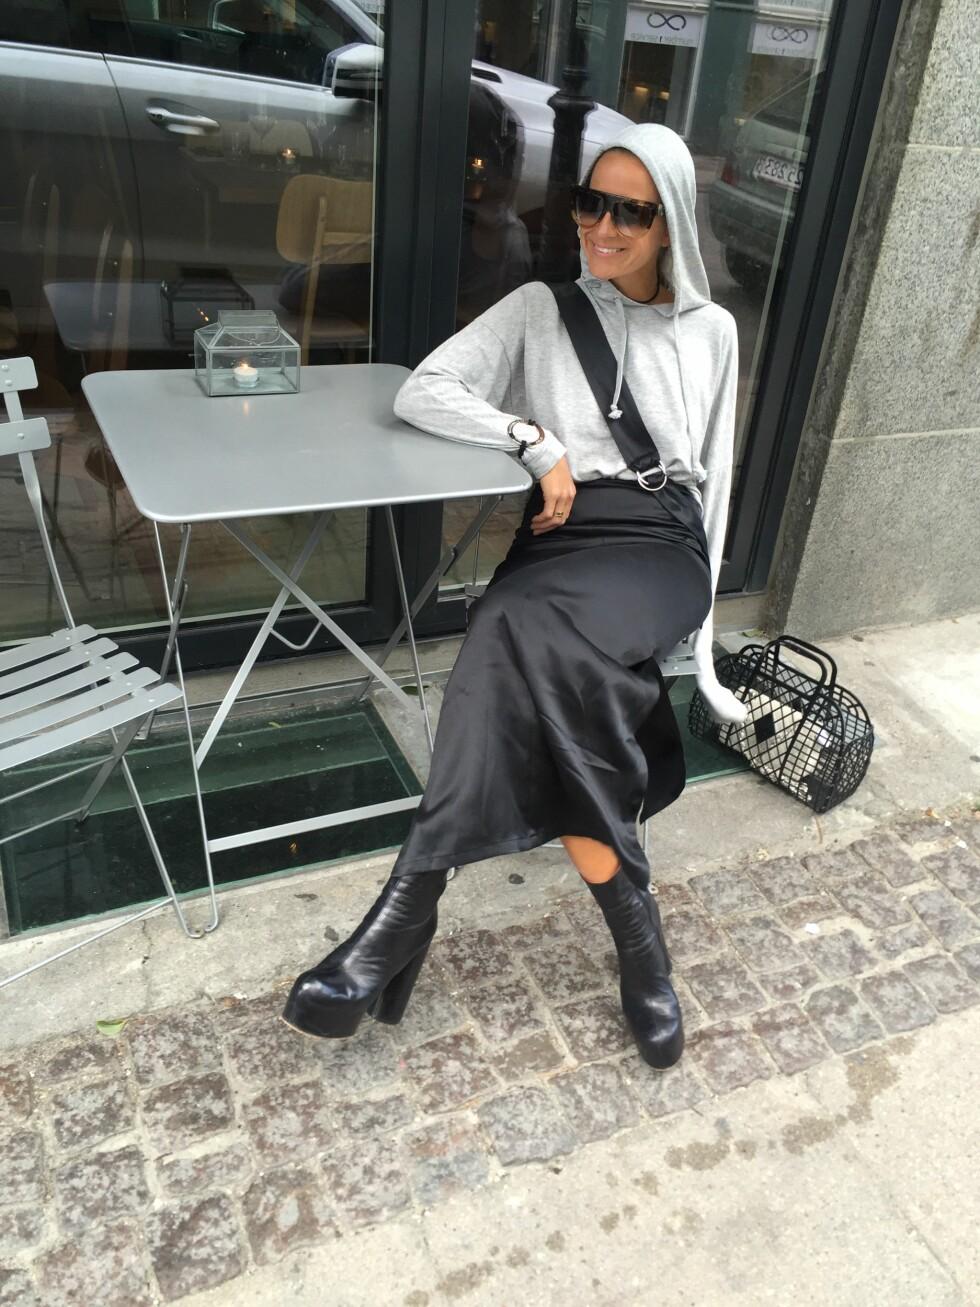 AVSLAPPET OG KUL: Moteekspert Celine Aagaard brukte hettegenseren hele tre ganger under moteuken i København. Vi digger det. Foto: Envelope.no